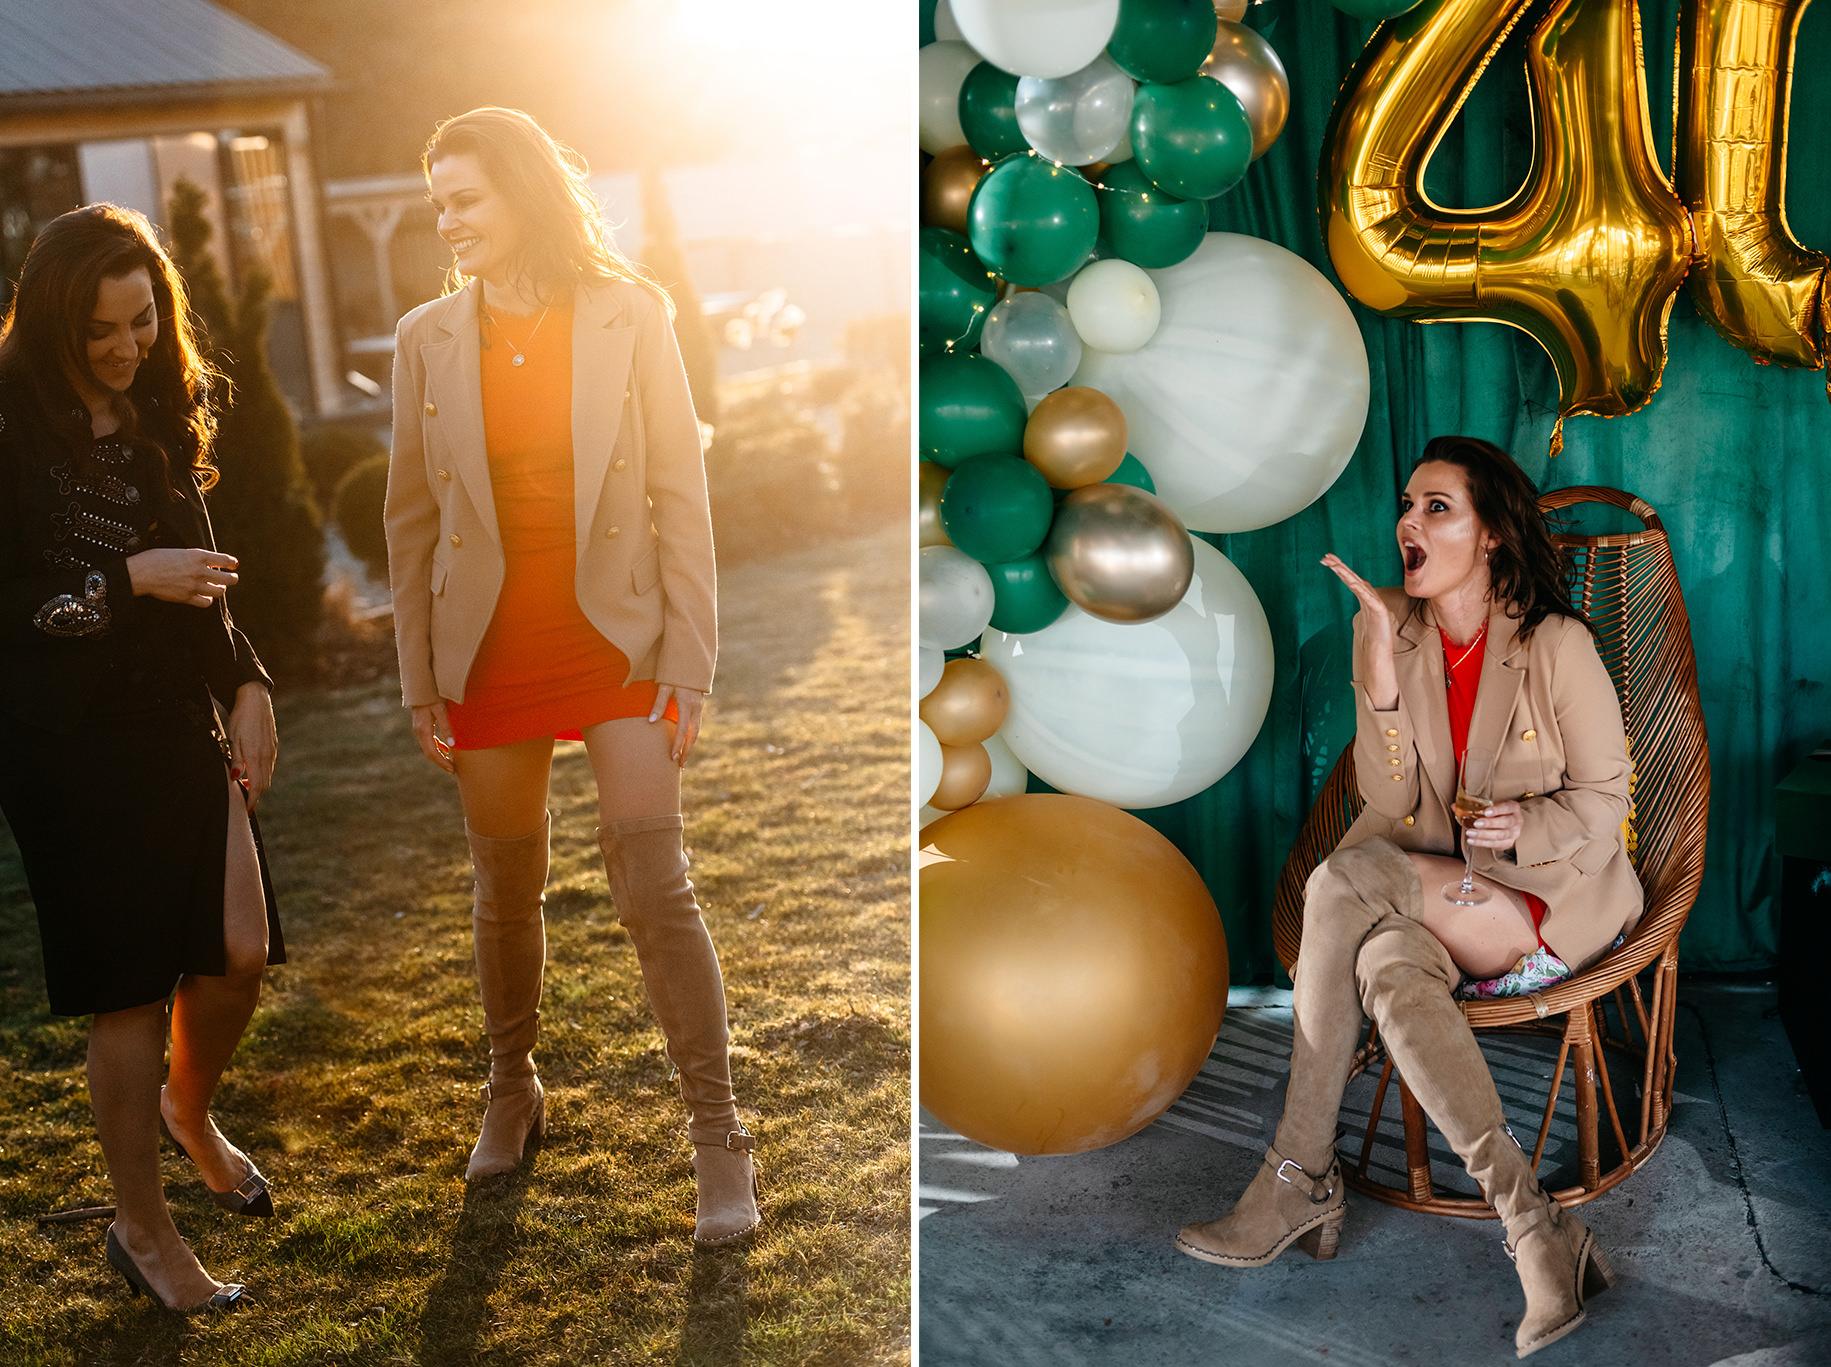 Fotograf na urodziny - czy to ma sens? 11